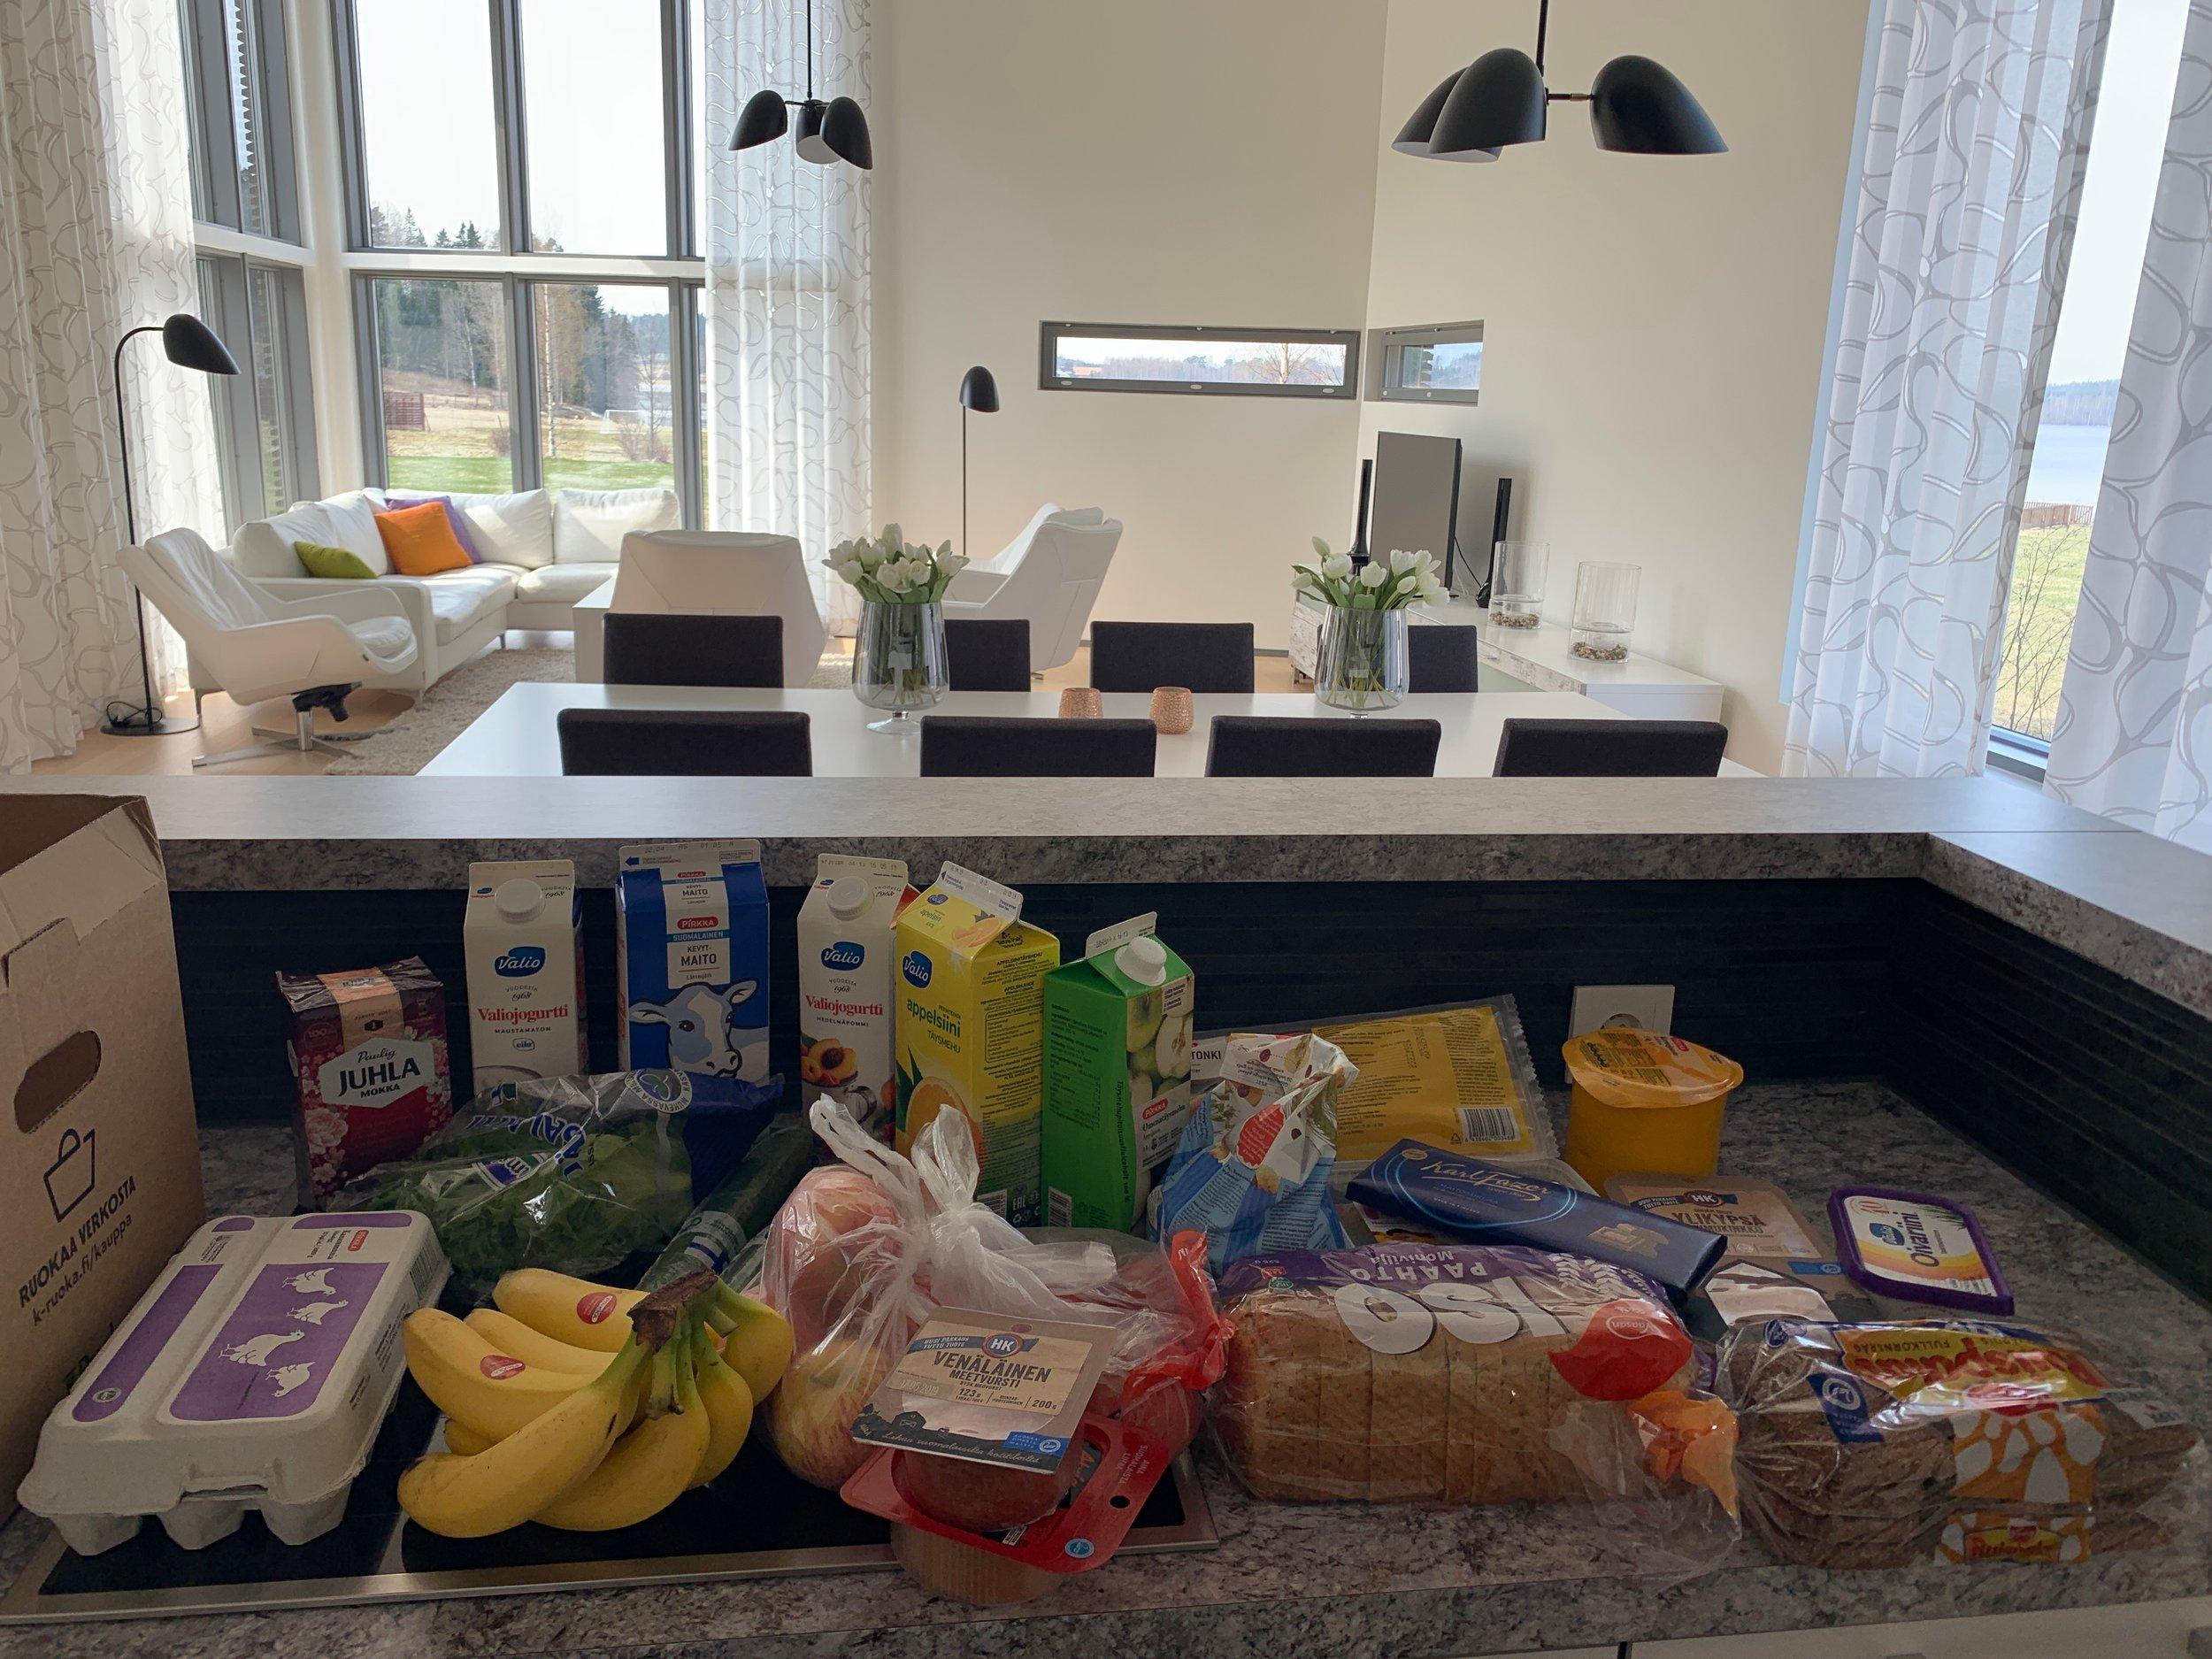 K-Supermarket Vieremän lahjoittamat ruoat.